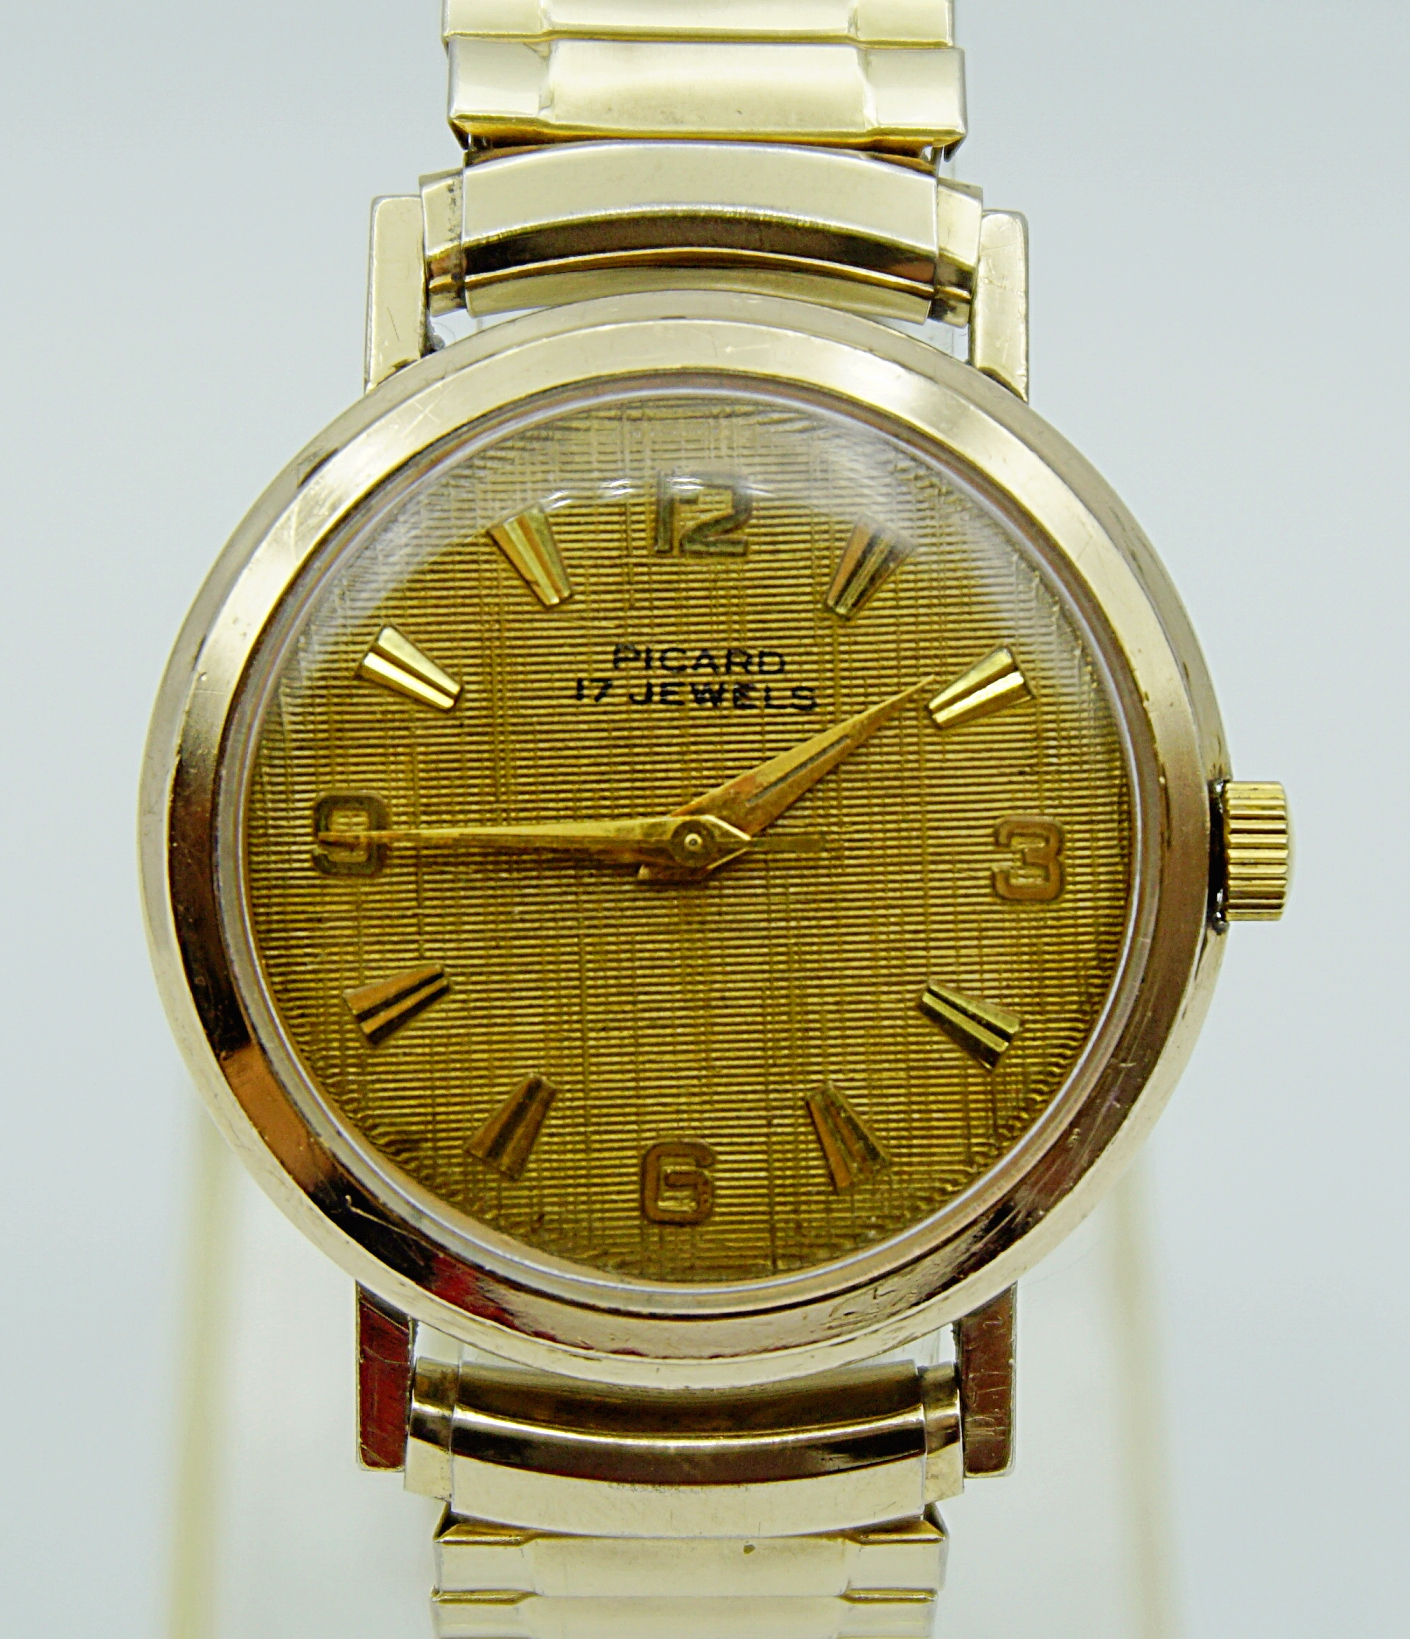 นาฬิกาเก่า PICARD ออโตเมติก